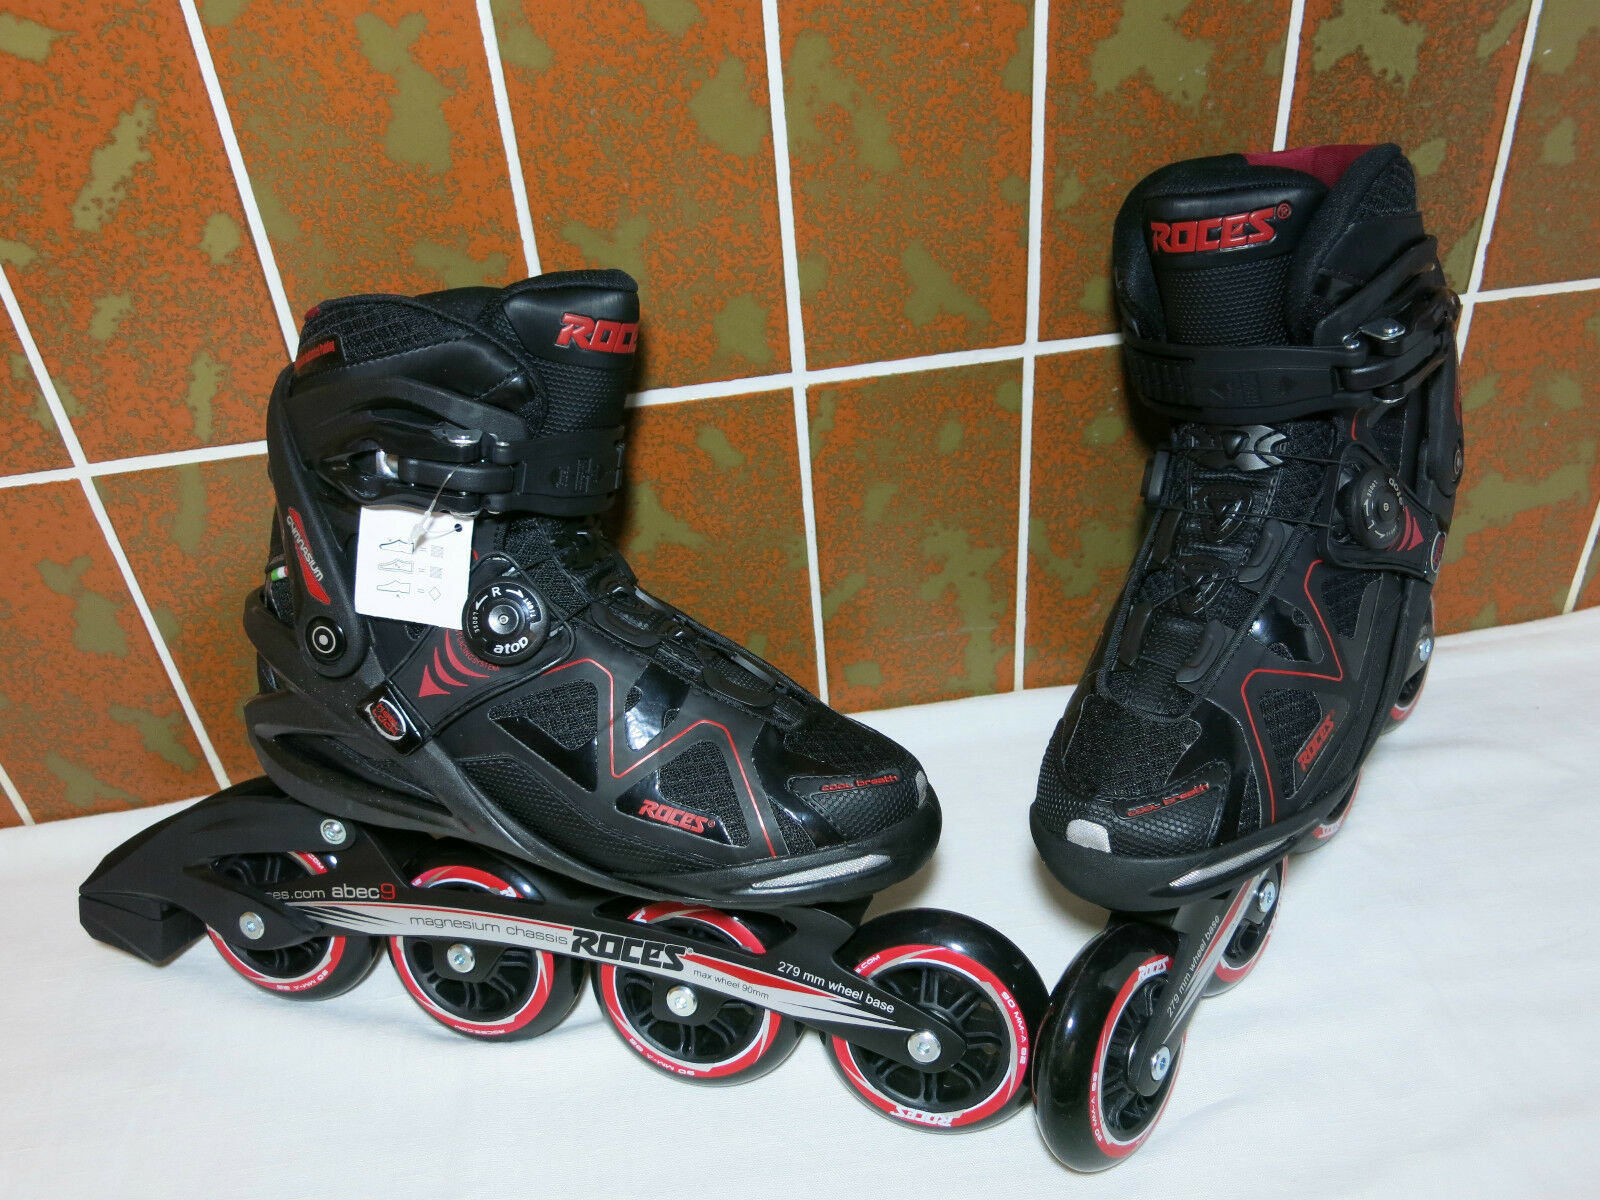 90mm BOA SUPER Inliner Skates von Roces Gr 40 Rollerblade Rollerblade Rollerblade k2 fila NEU  NP 189 90 2ebaab